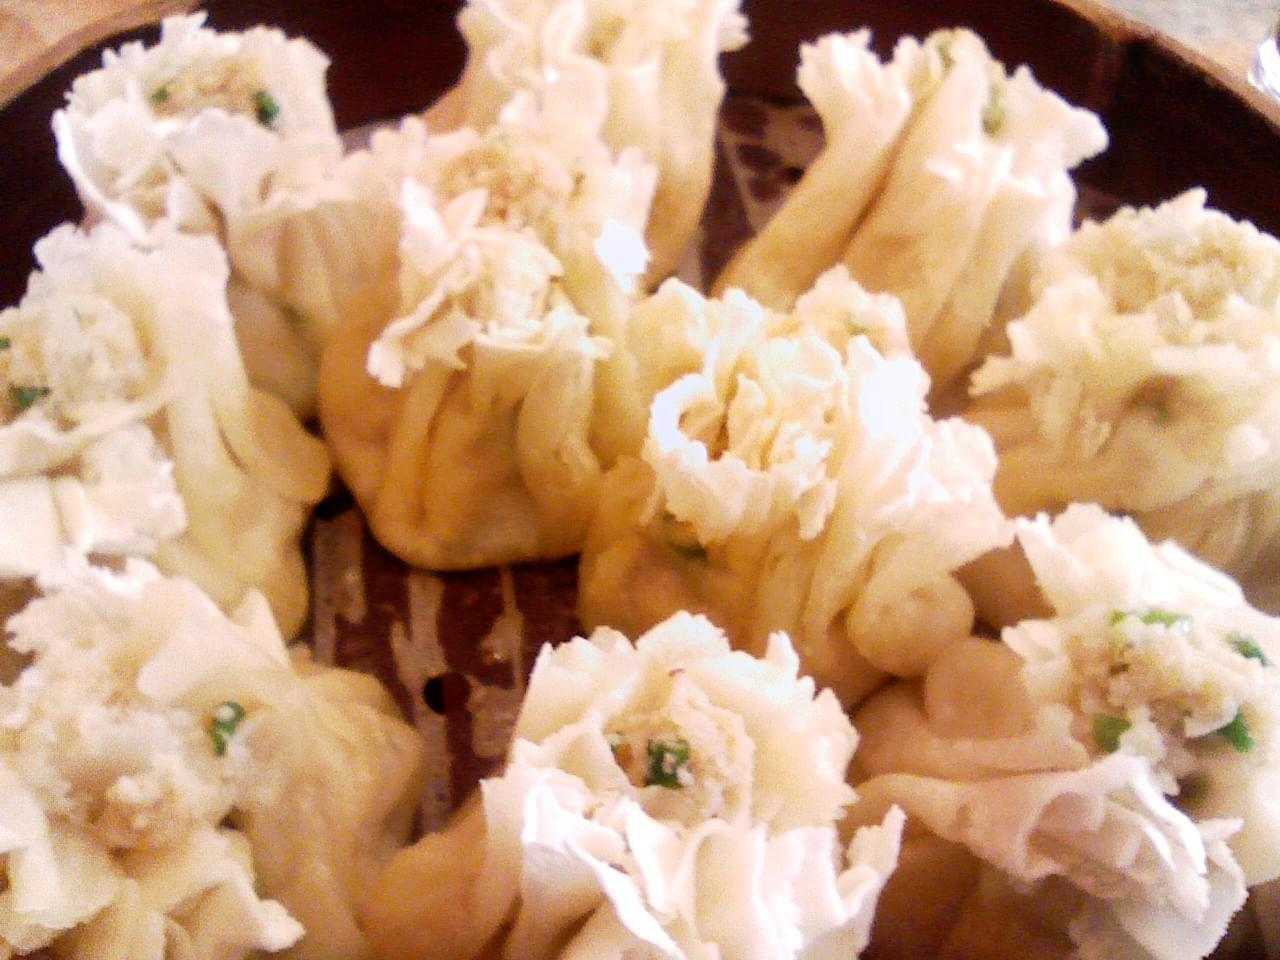 北京のおすすめ本格中華料理屋5選!本場で本物の小籠包や炒飯を食べよう!